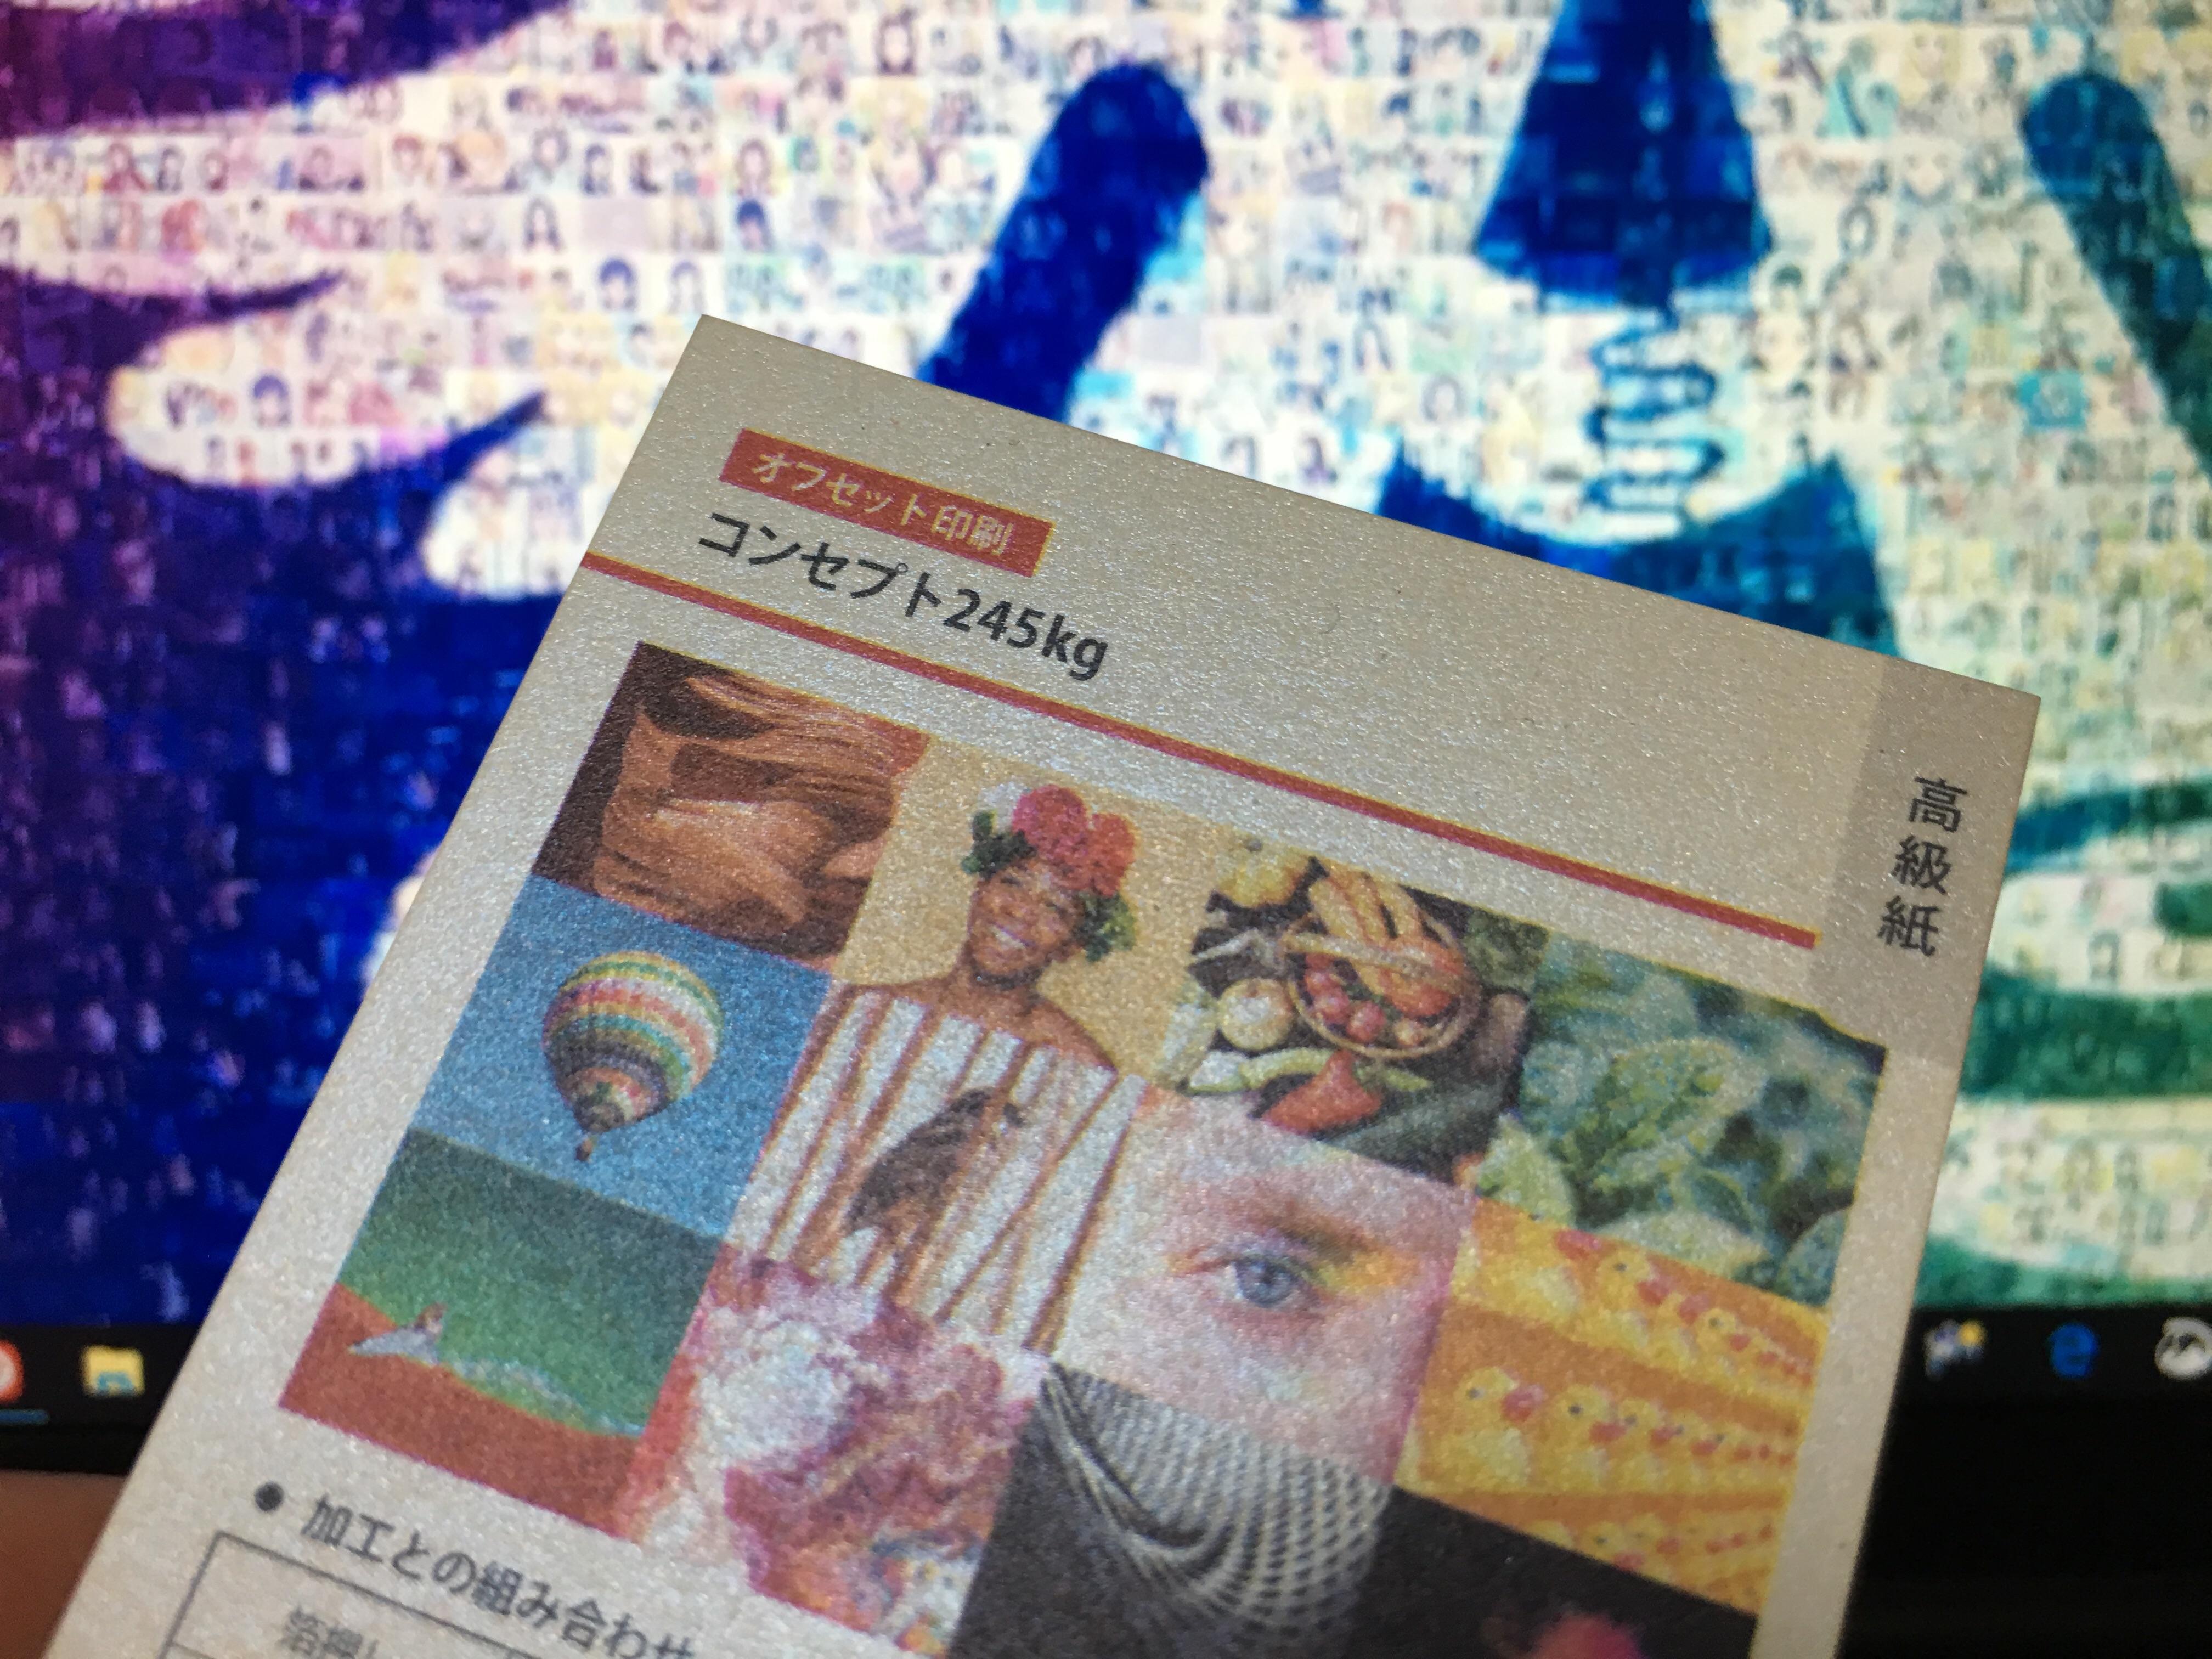 f:id:SeisoSakuya:20190616182302j:image